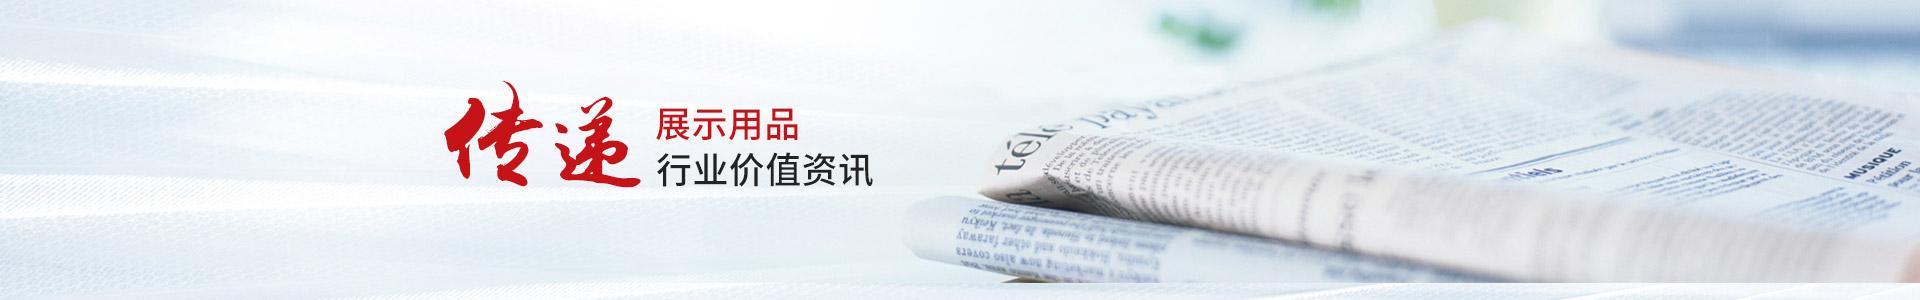 澳澌汀-传递展示用品行业价值资讯